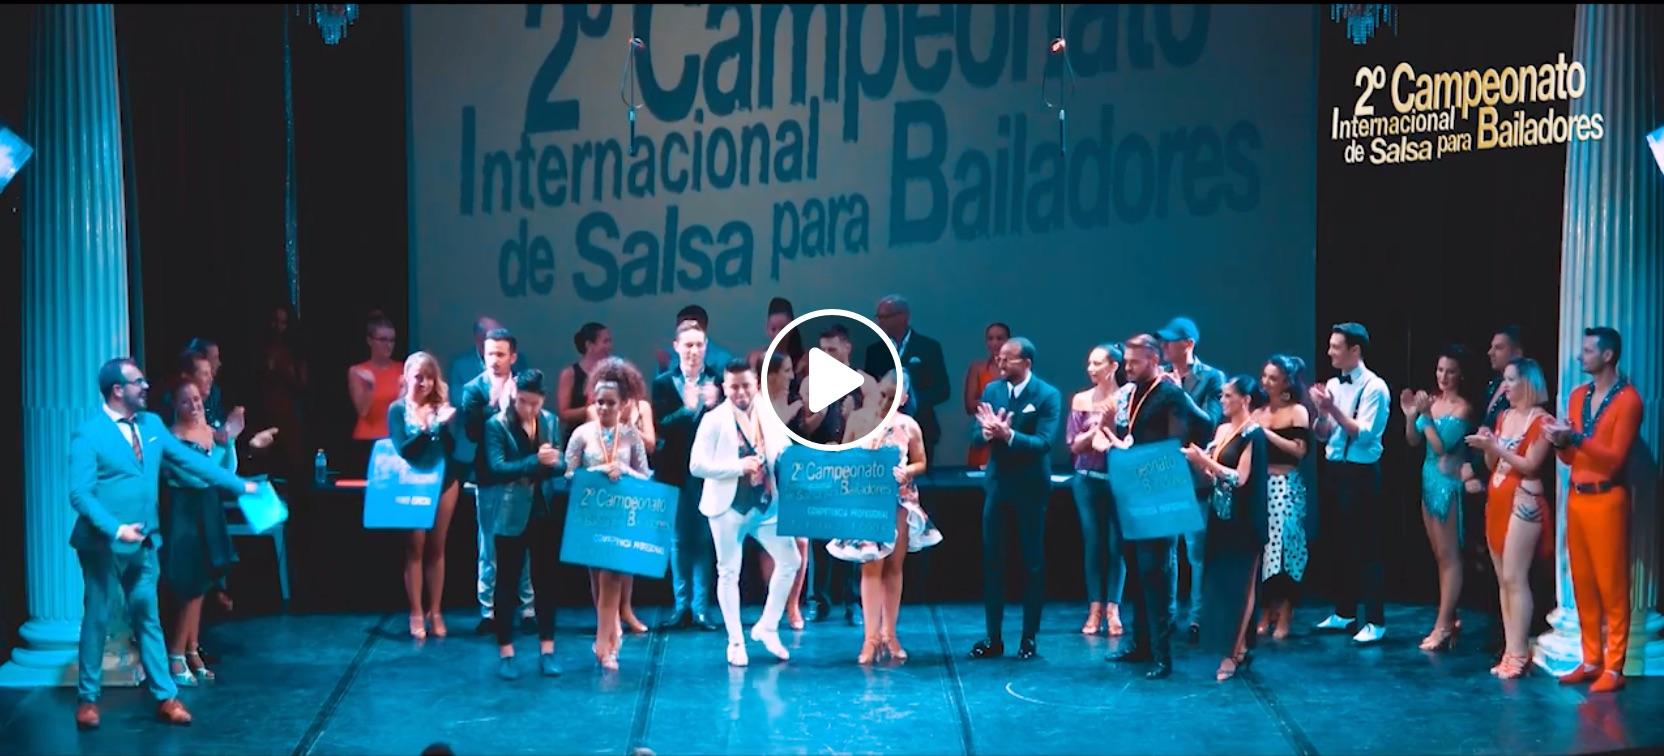 Un résumé en vidéo du second championnat international de salsa à Valencia – septembre 2018